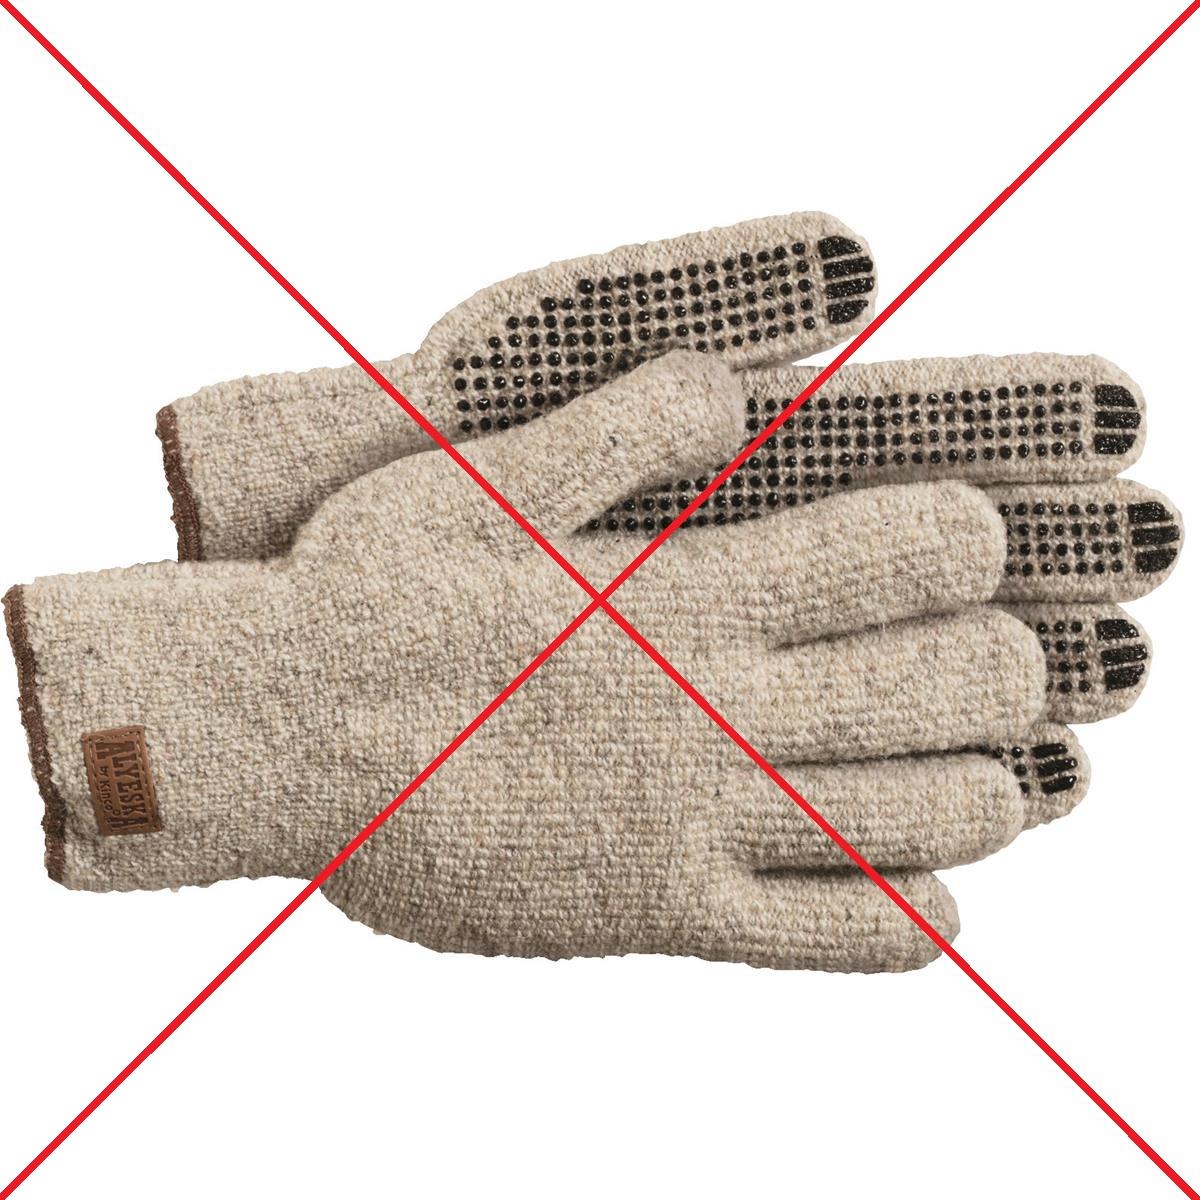 با اکسپریا، دستکشها رو دور بندازید.